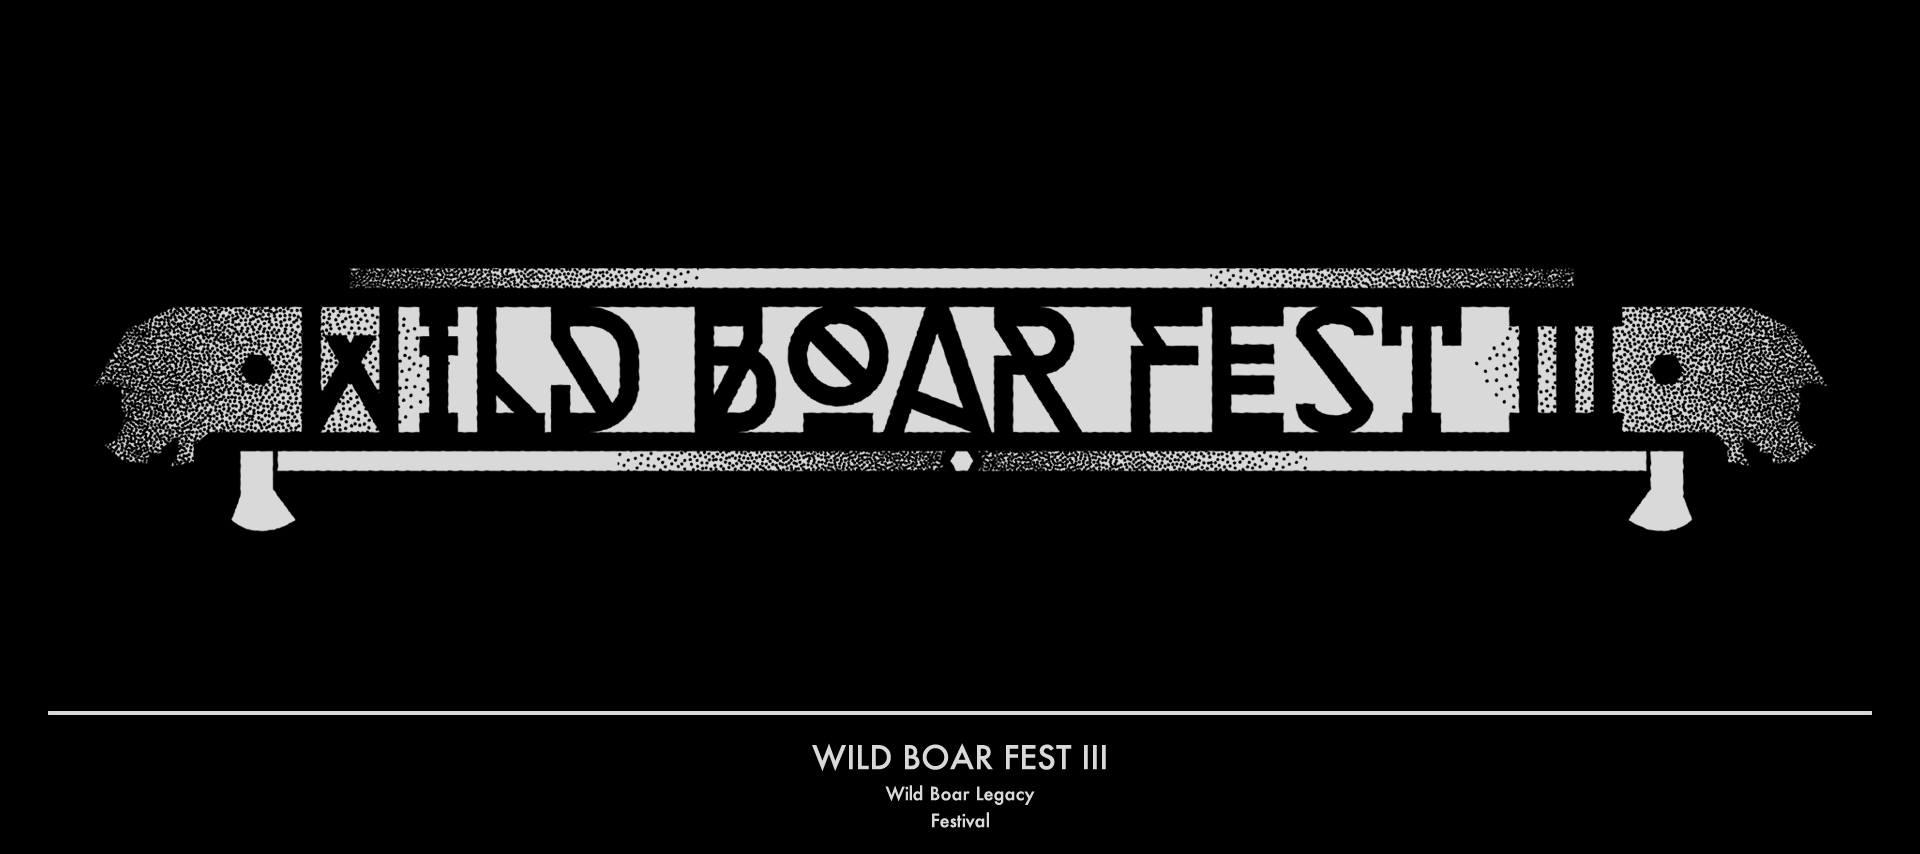 Wild_Boar_Fest_III.jpg